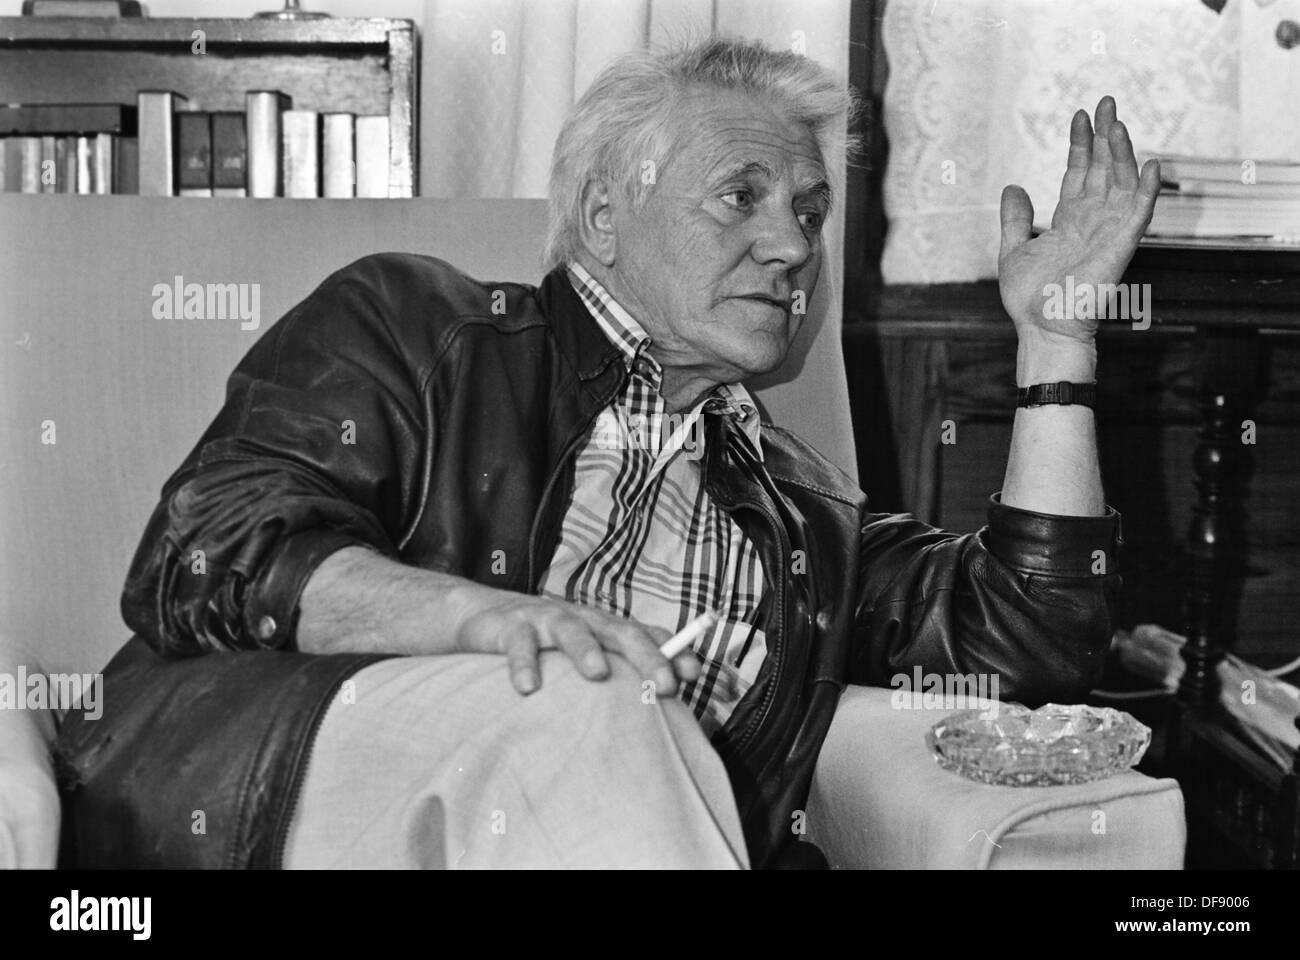 Archivo Foto: historiador radical marxista galés Gwyn Alf Williams en casa Drefach Felindre, Carmarthenshire, 1991 Imagen De Stock